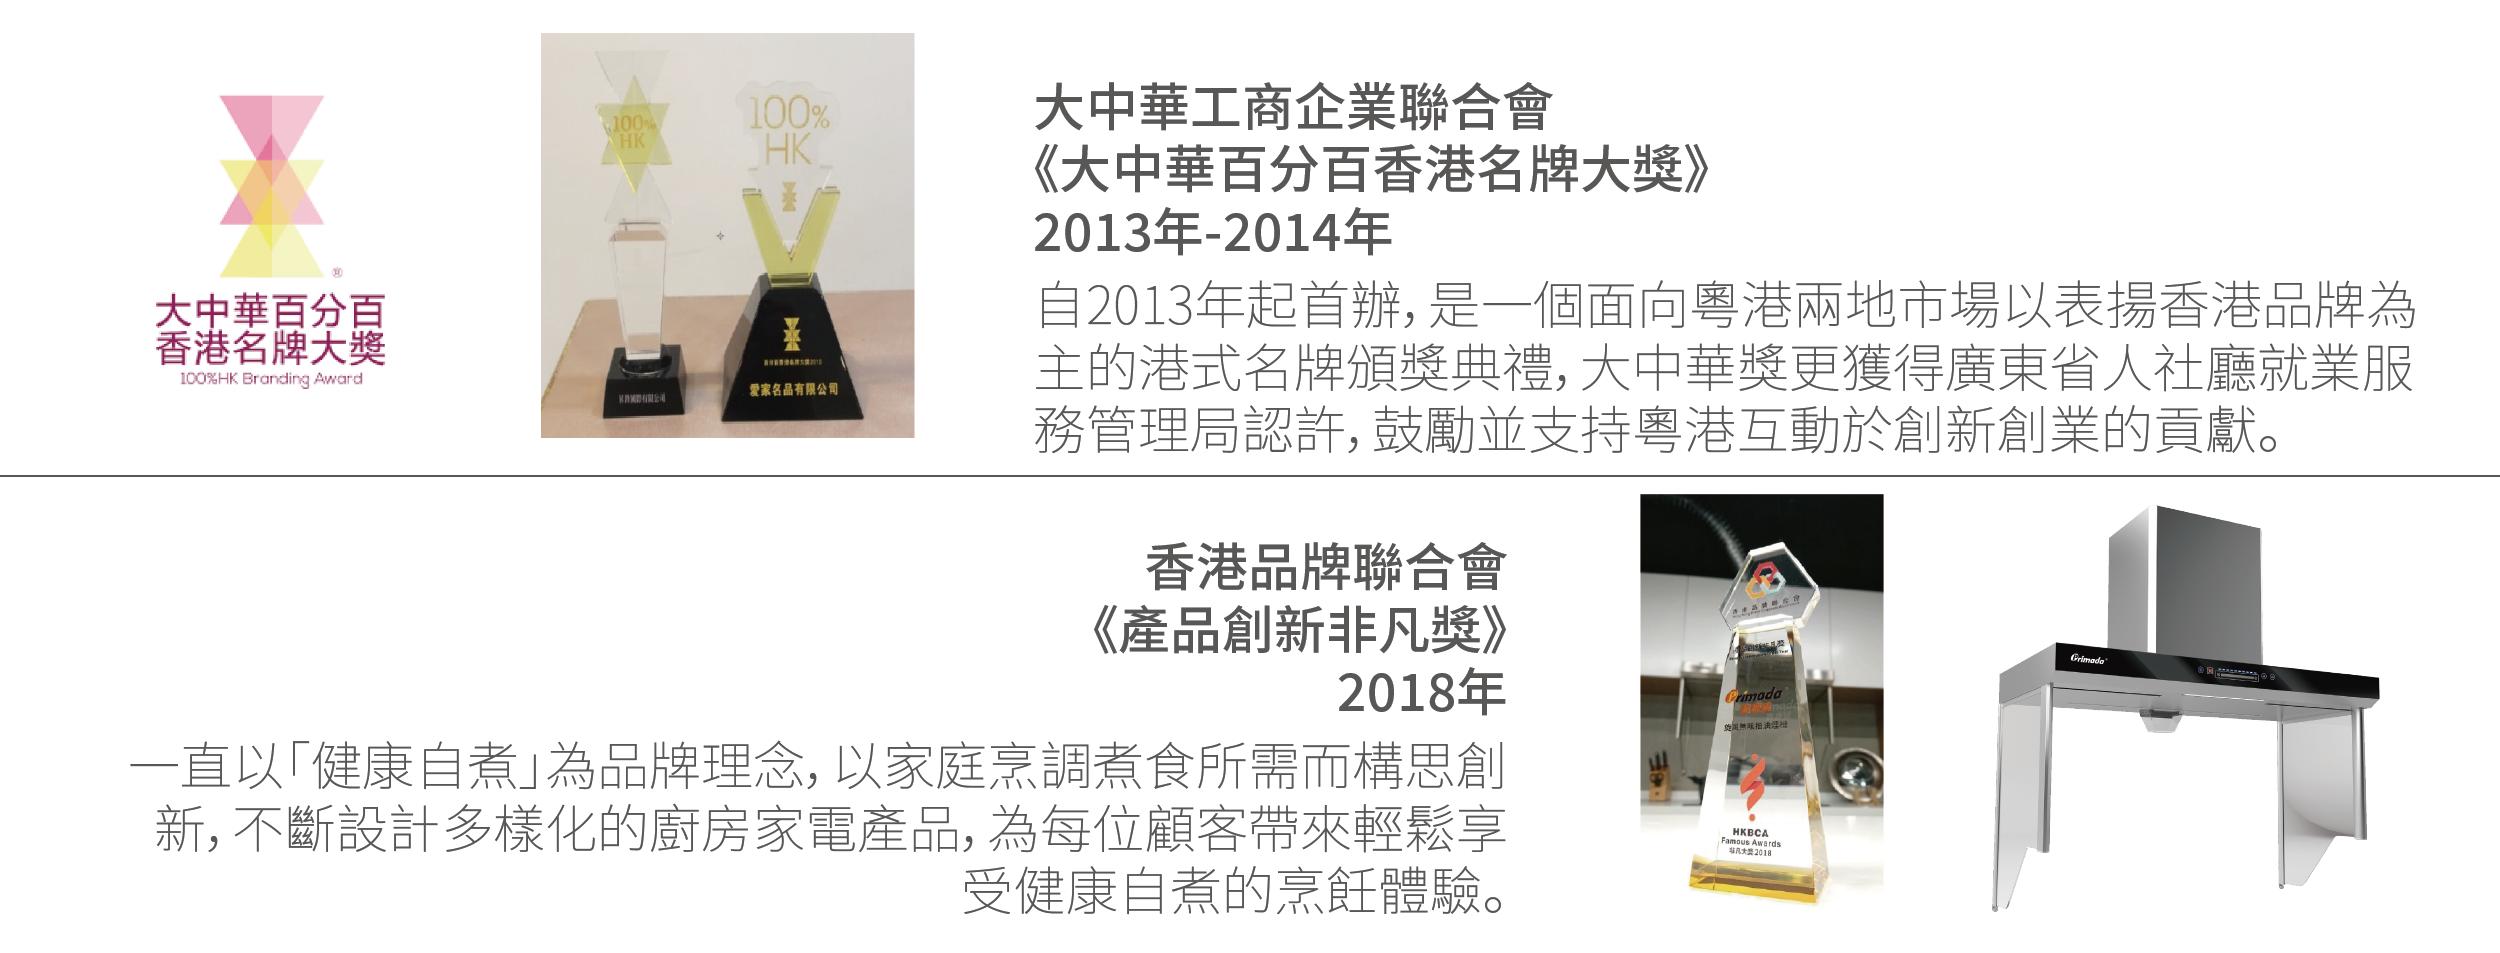 Award 3-01